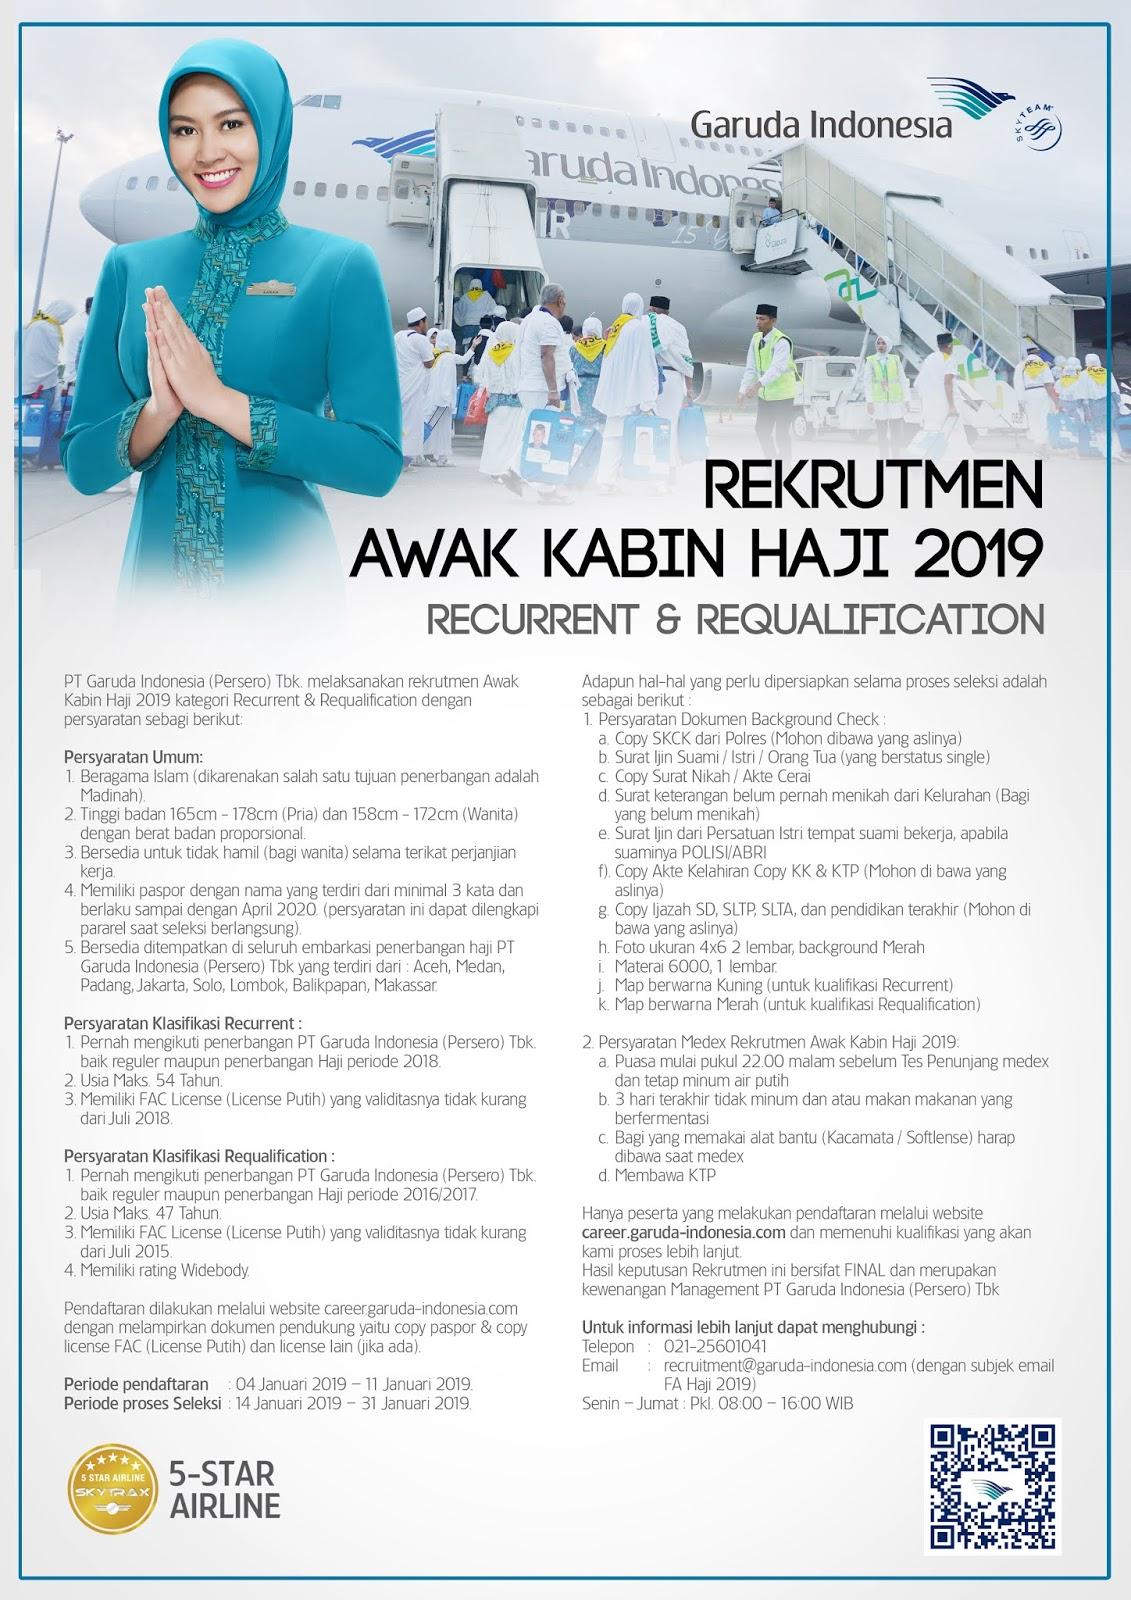 Lowongan Kerja Garuda Indonesia 2019